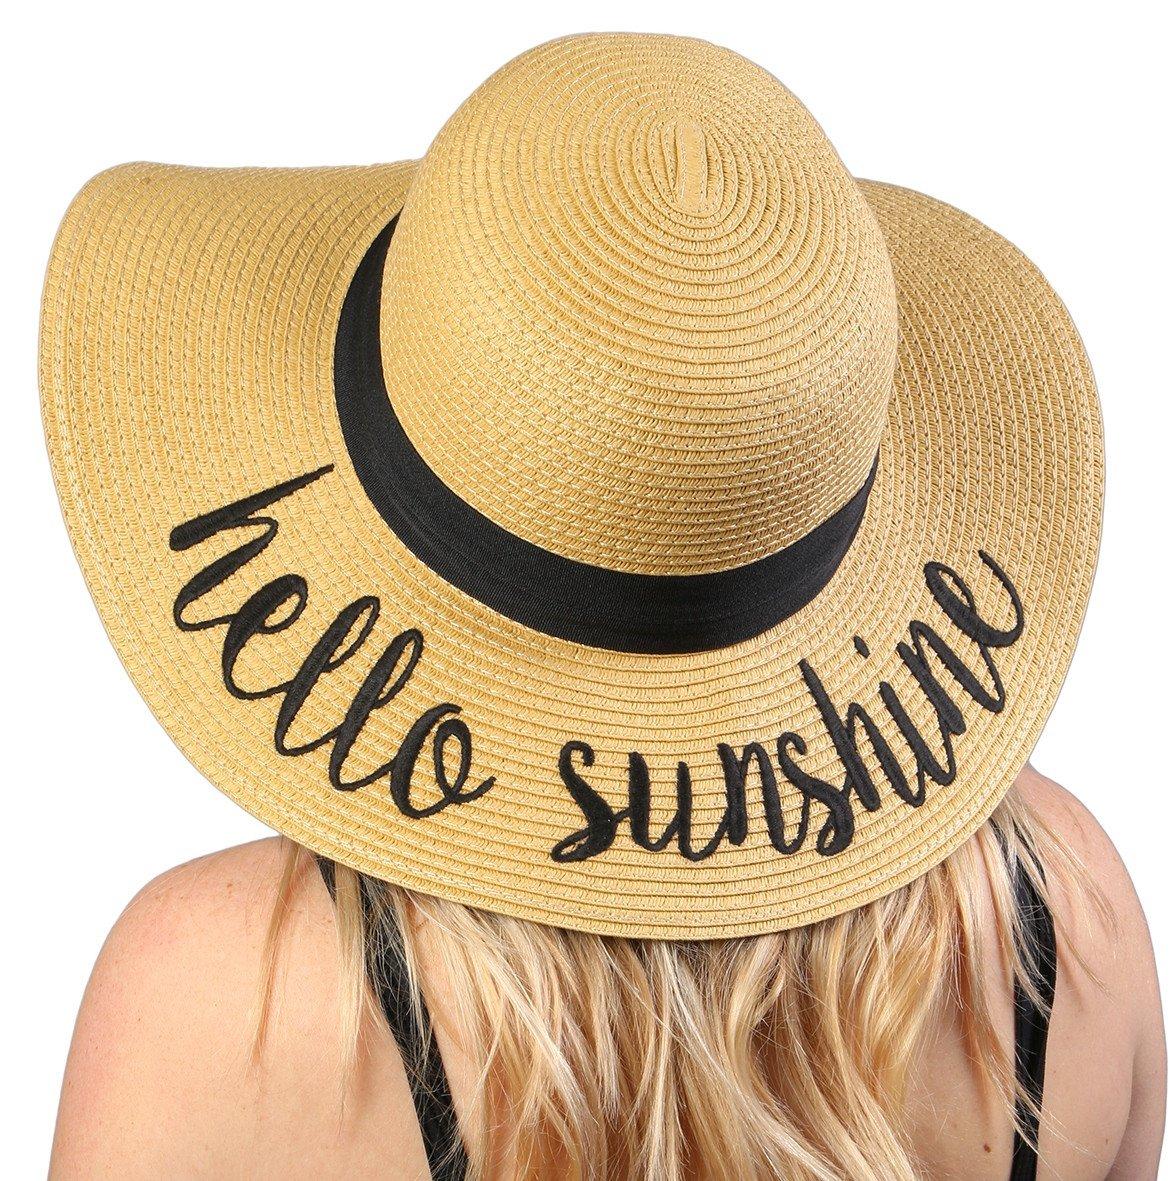 Do Not Disturb Embroidered Straw Hats Wide Brim Floppy Derby Beach Pool Sun Cap